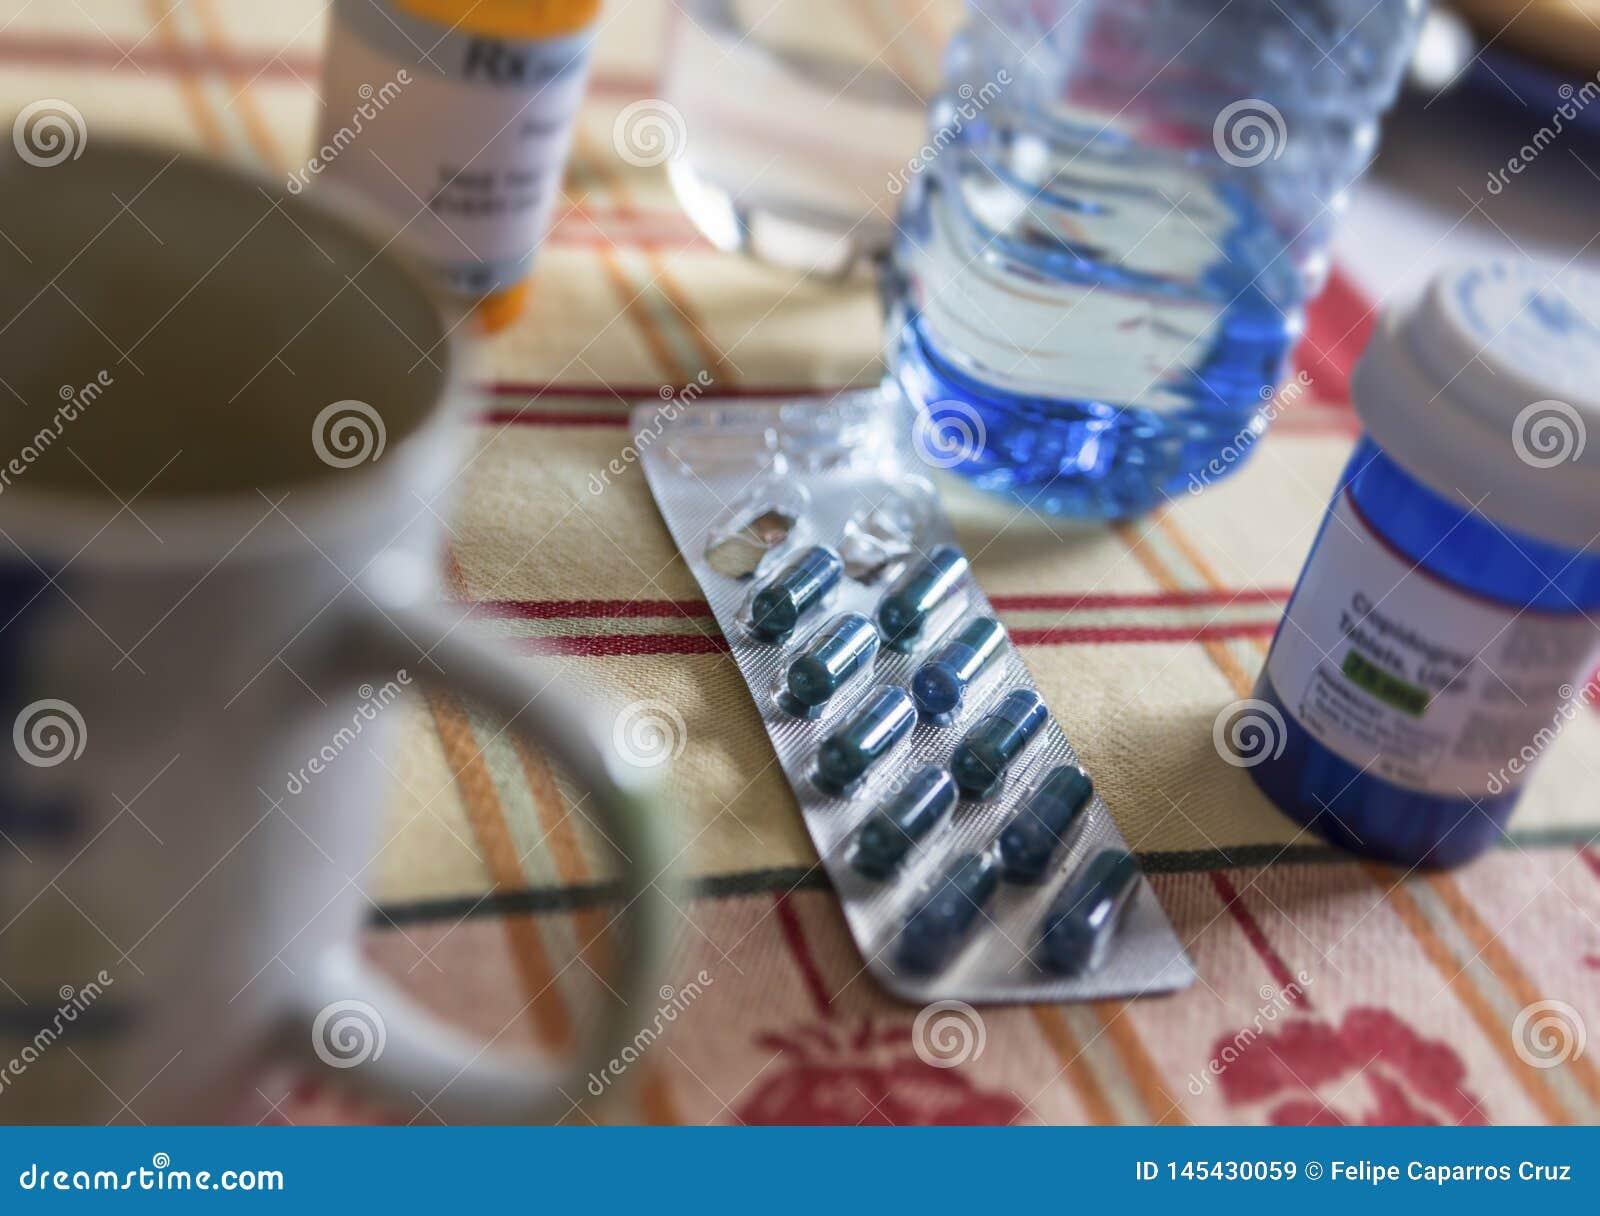 Φάρμακο κατά τη διάρκεια του προγεύματος, κάψες δίπλα σε ένα ποτήρι του νερού